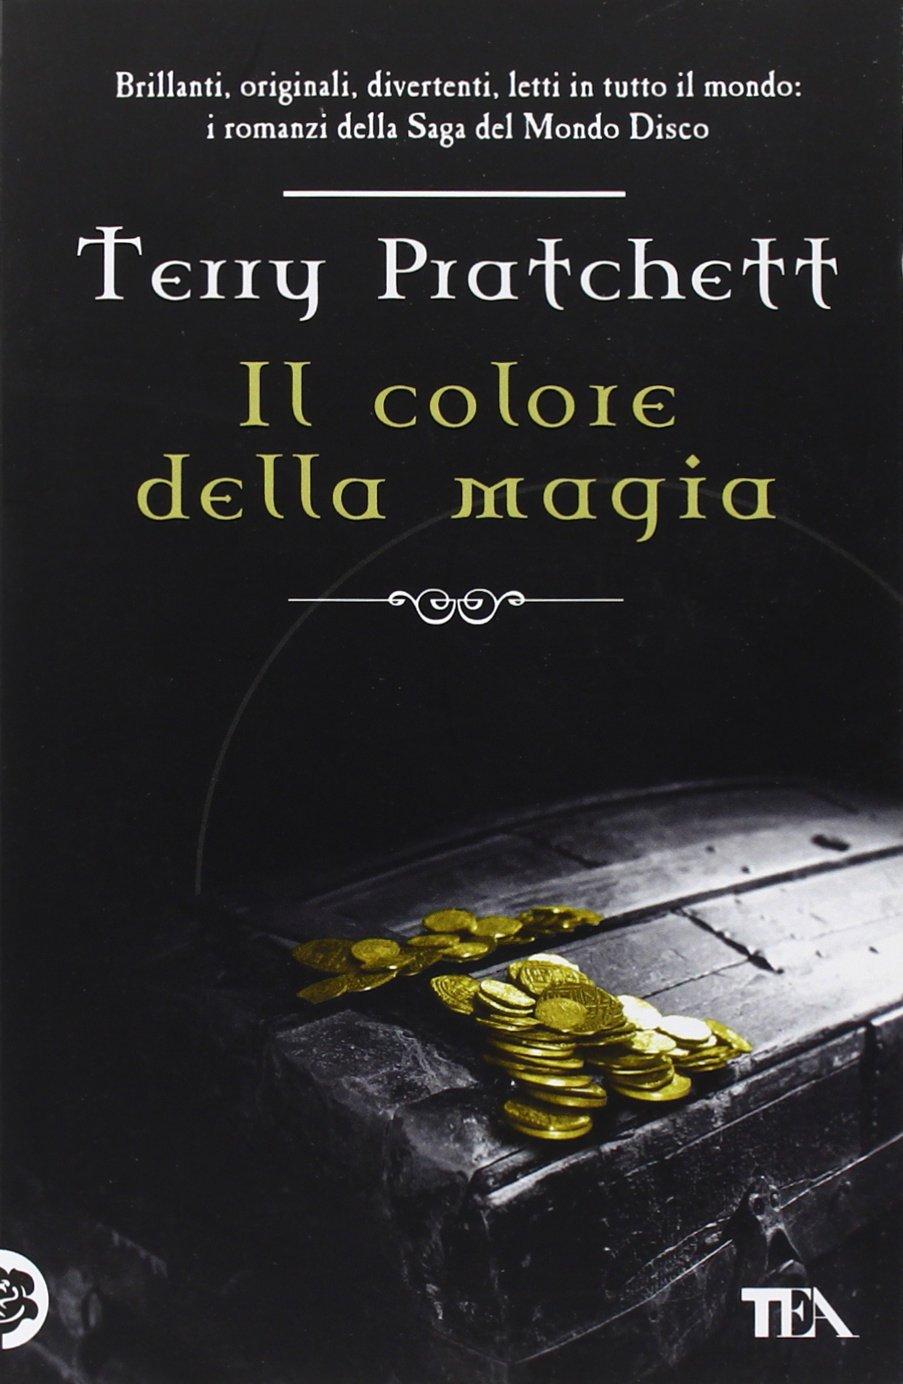 Terry Pratchett– Il colore della magia